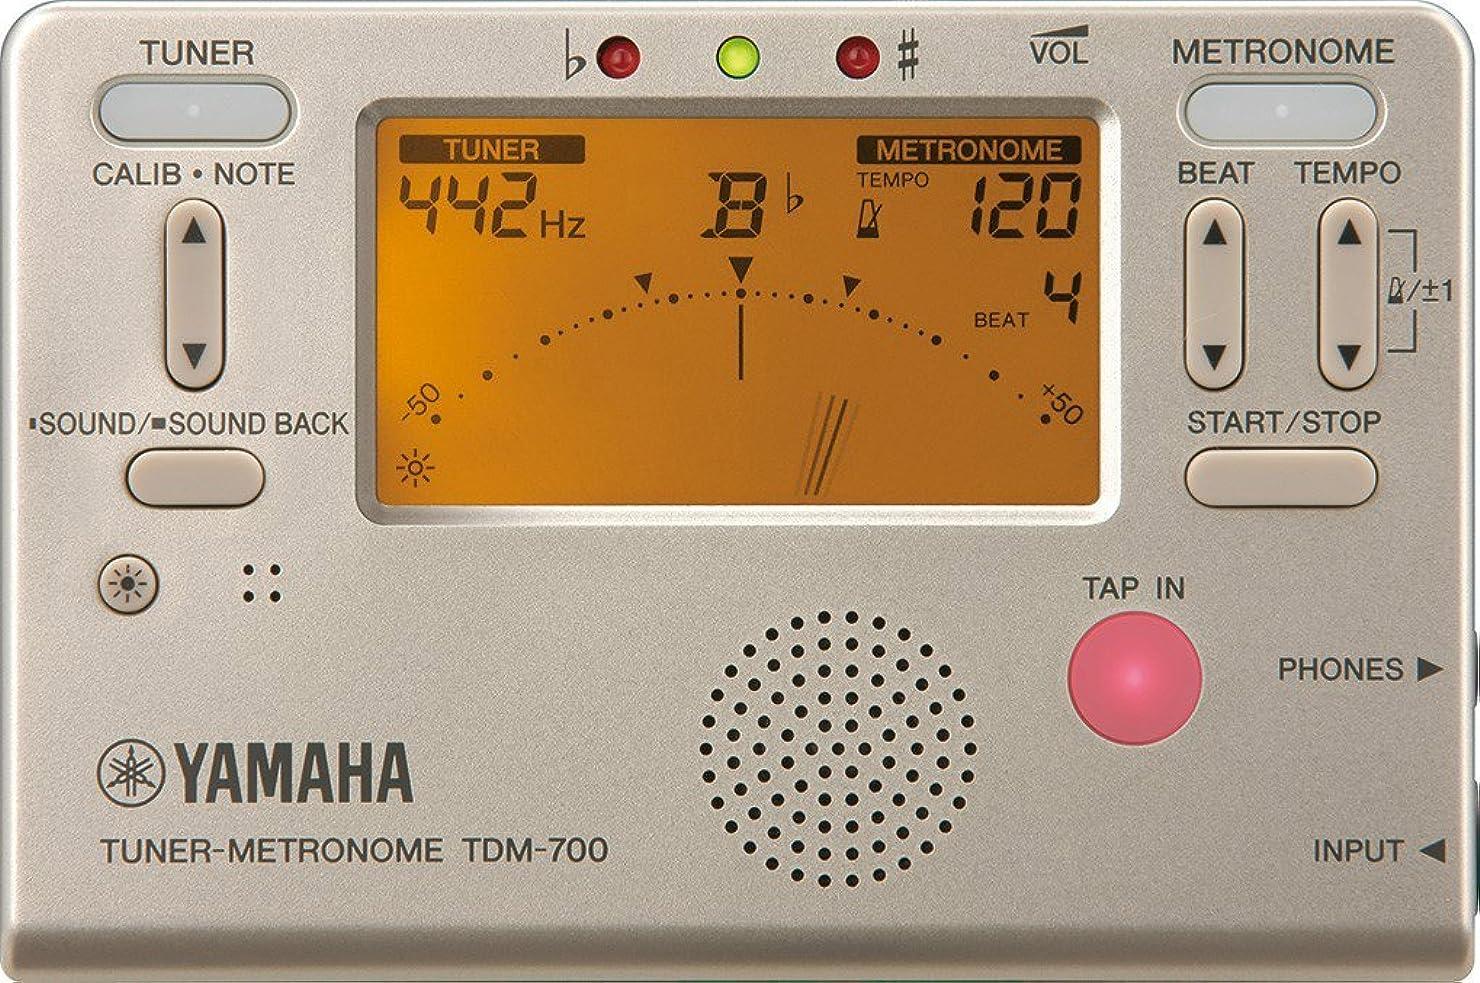 ブラジャー海里寝具ヤマハ YAMAHA チューナーメトロノーム ゴールド TDM-700G チューナーとメトロノームが同時に使えるデュアル機能搭載 サウンドバック機能 日常の練習に最適